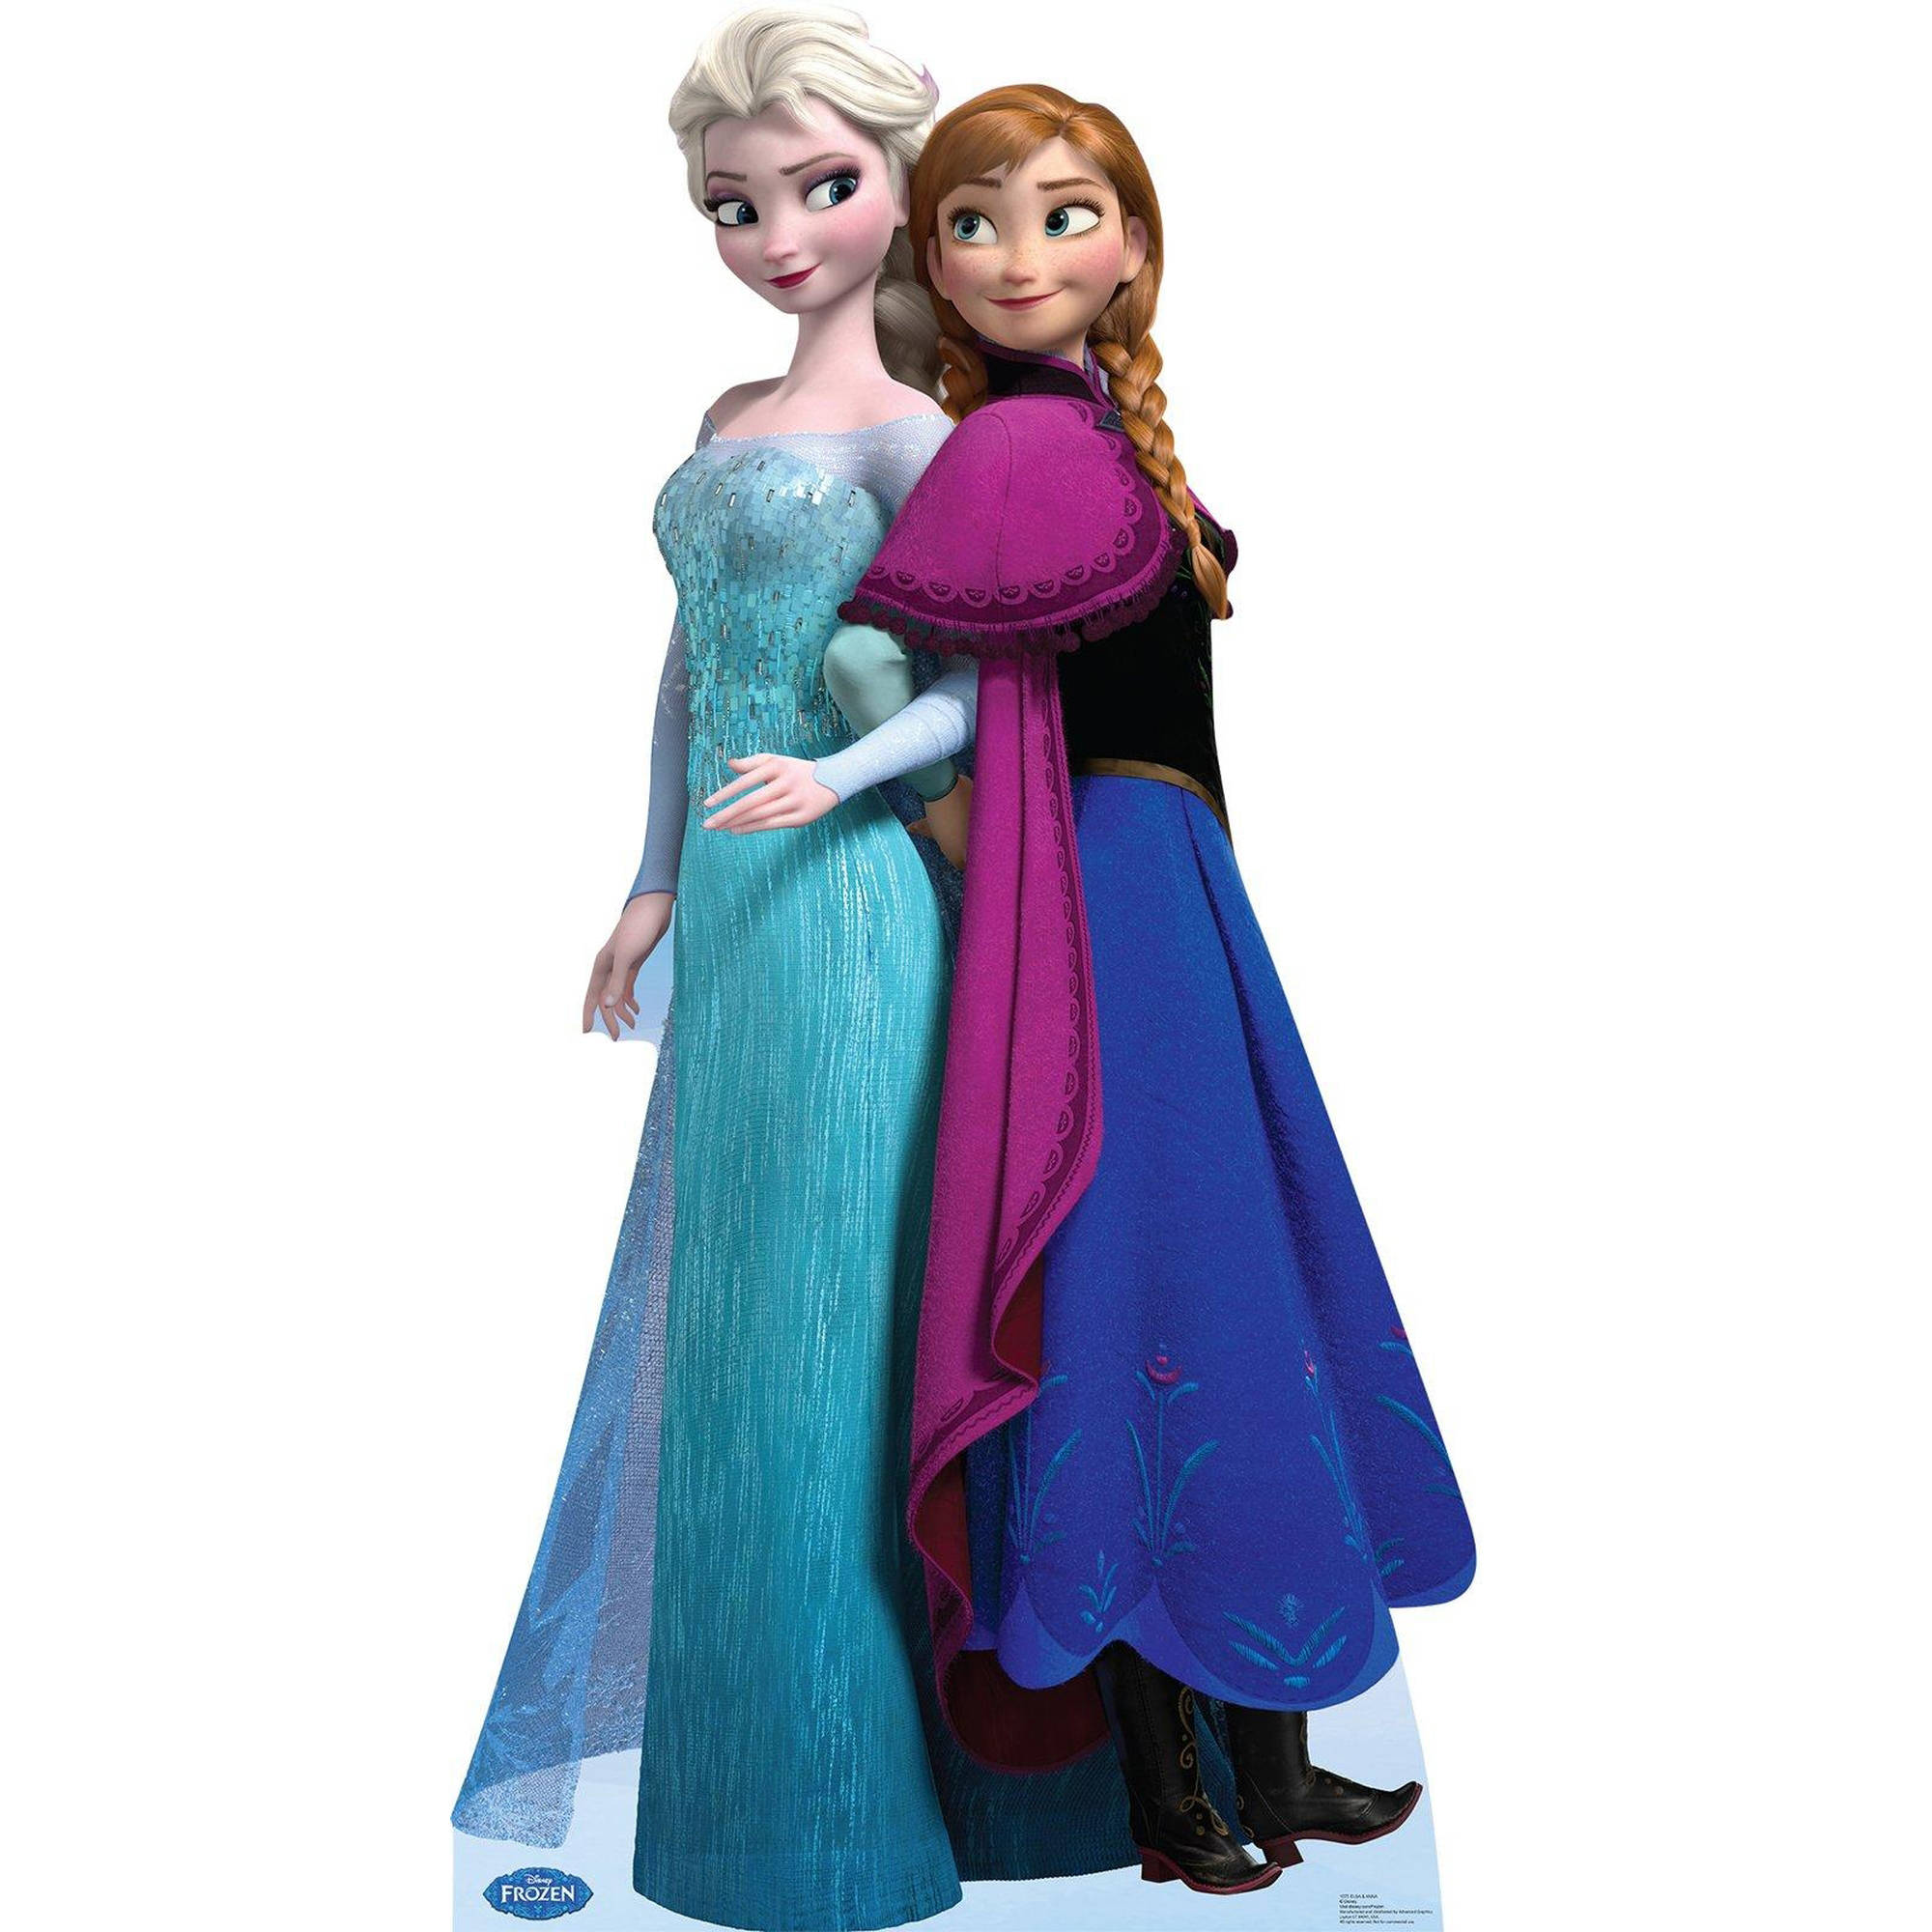 Disney Frozen Elsa and Anna Standup, 6' Tall